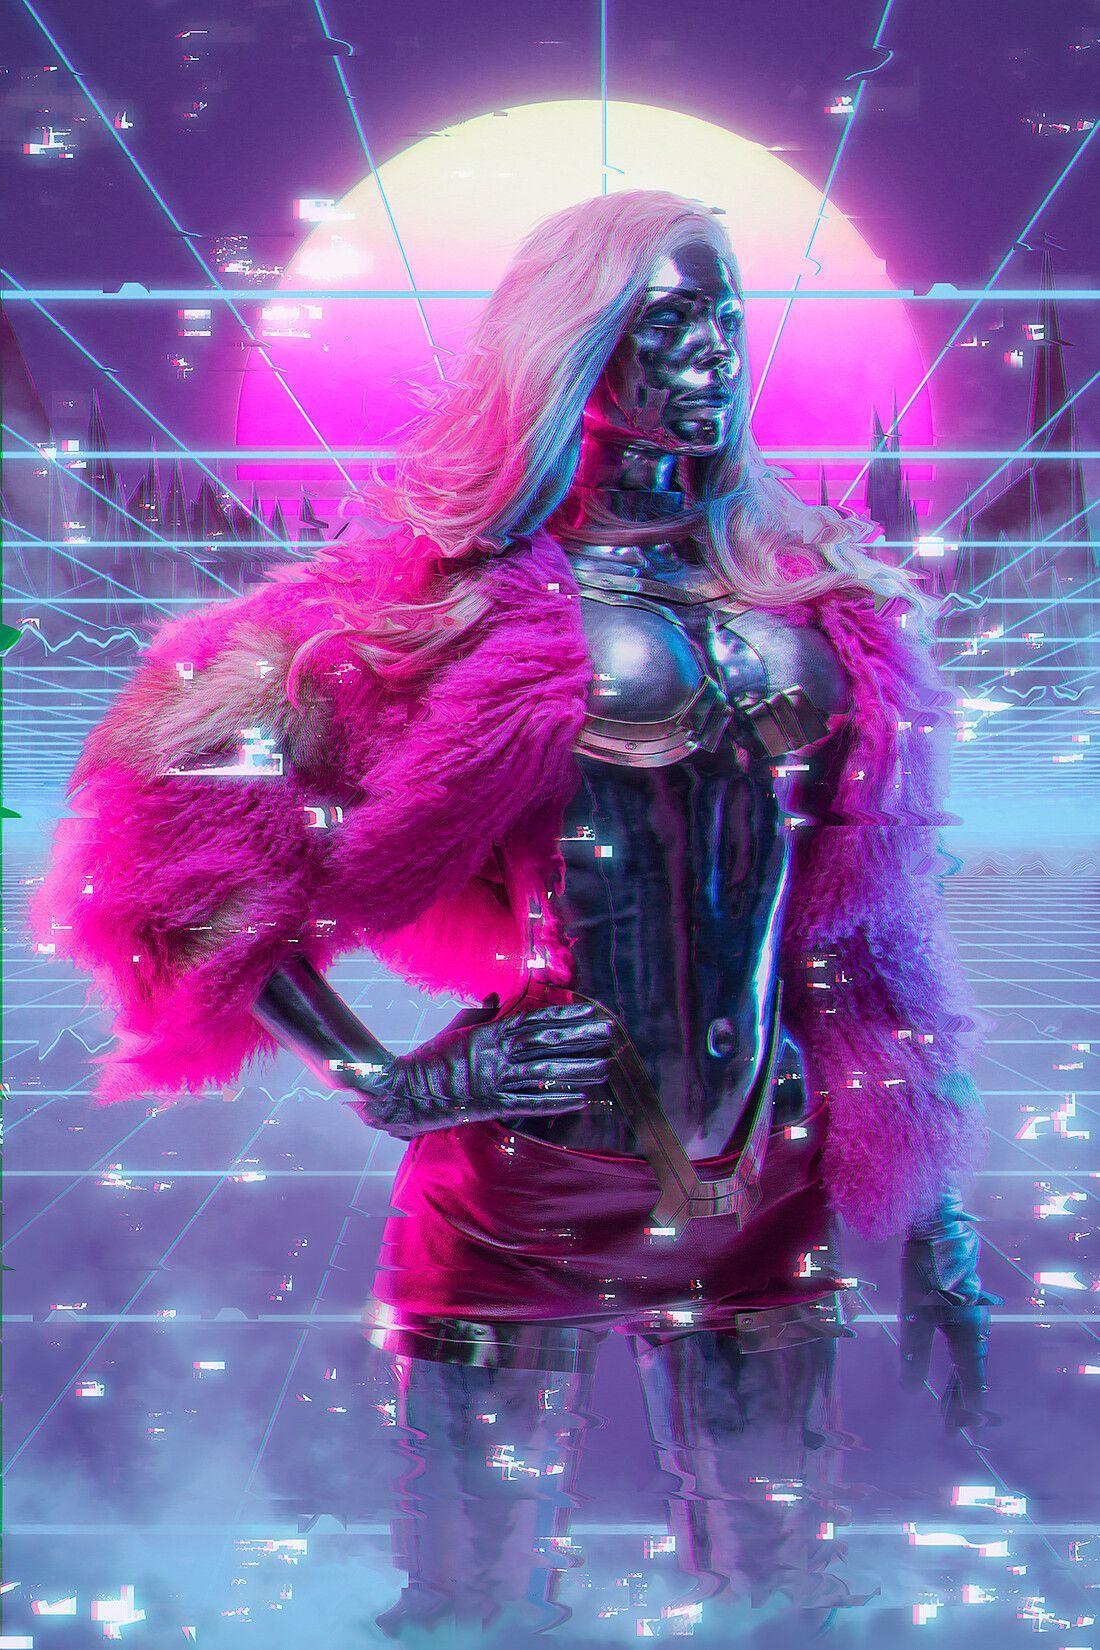 by Aku 悪 in 2020 Cyberpunk, Cyberpunk 2077, Cyberpunk